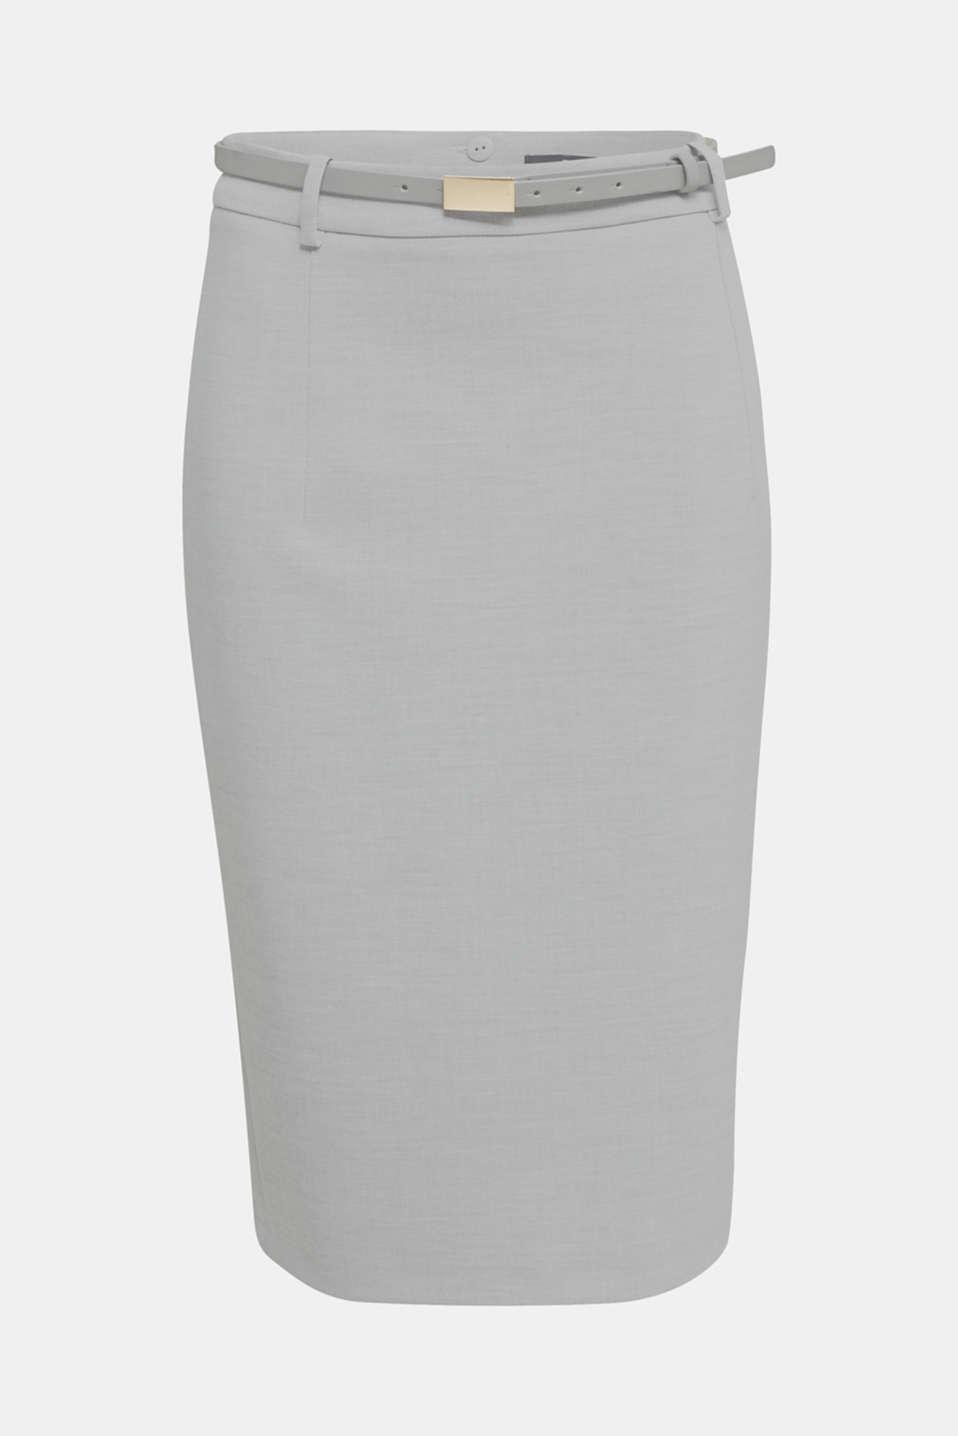 SUMMER BIZ Mix + Match stretch skirt, LIGHT GREY 5, detail image number 5